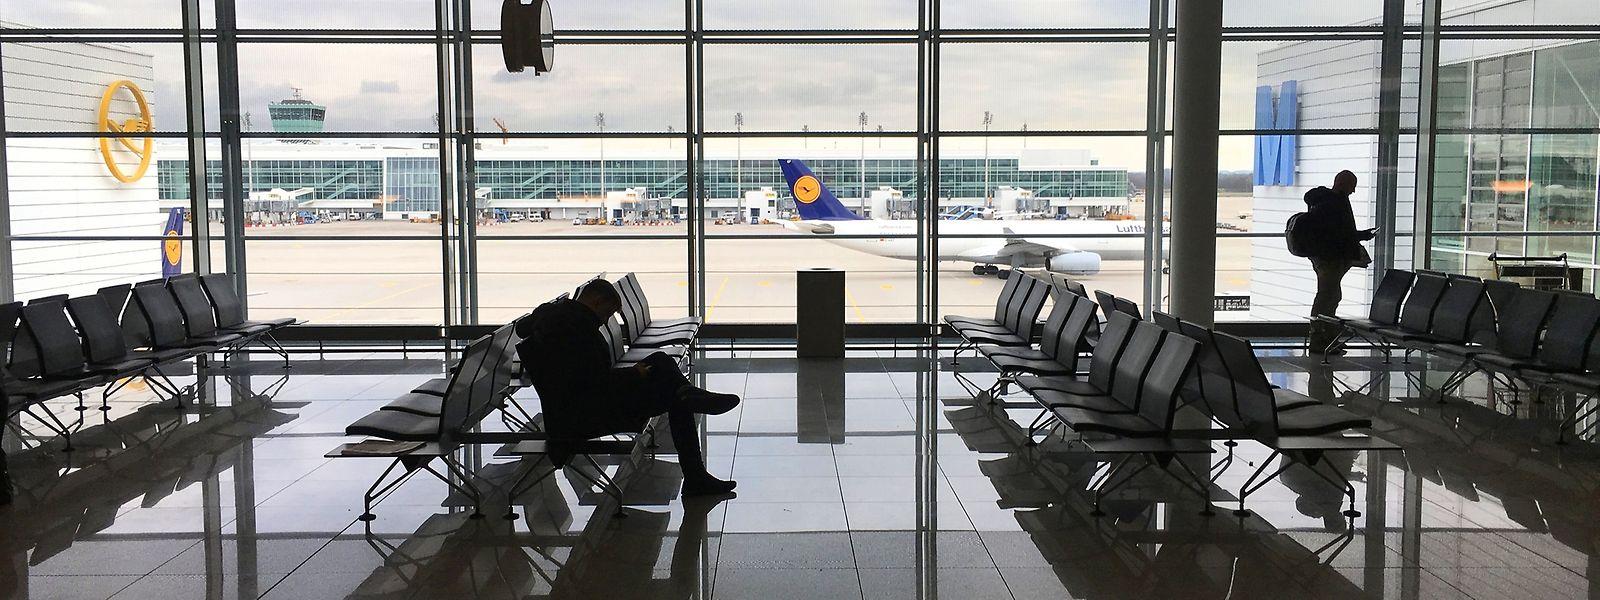 Inzwischen gibt es von Luxemburg aus acht Flugverbindungen nach München - vier von der Lufthansa, vier von der Luxair.